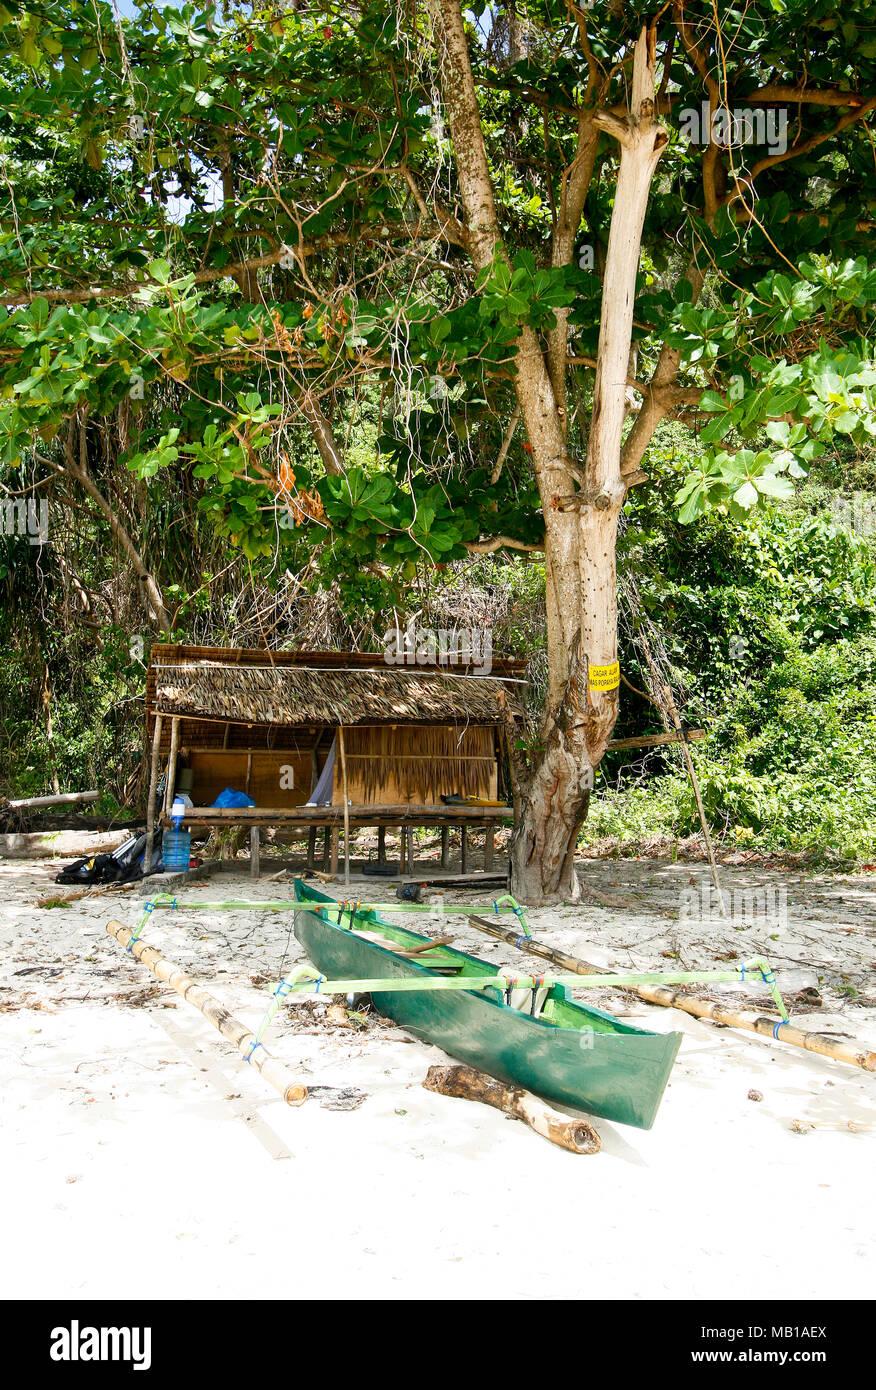 Deserted island. Gorontalo, Sulawesi, Indonesia - Stock Image